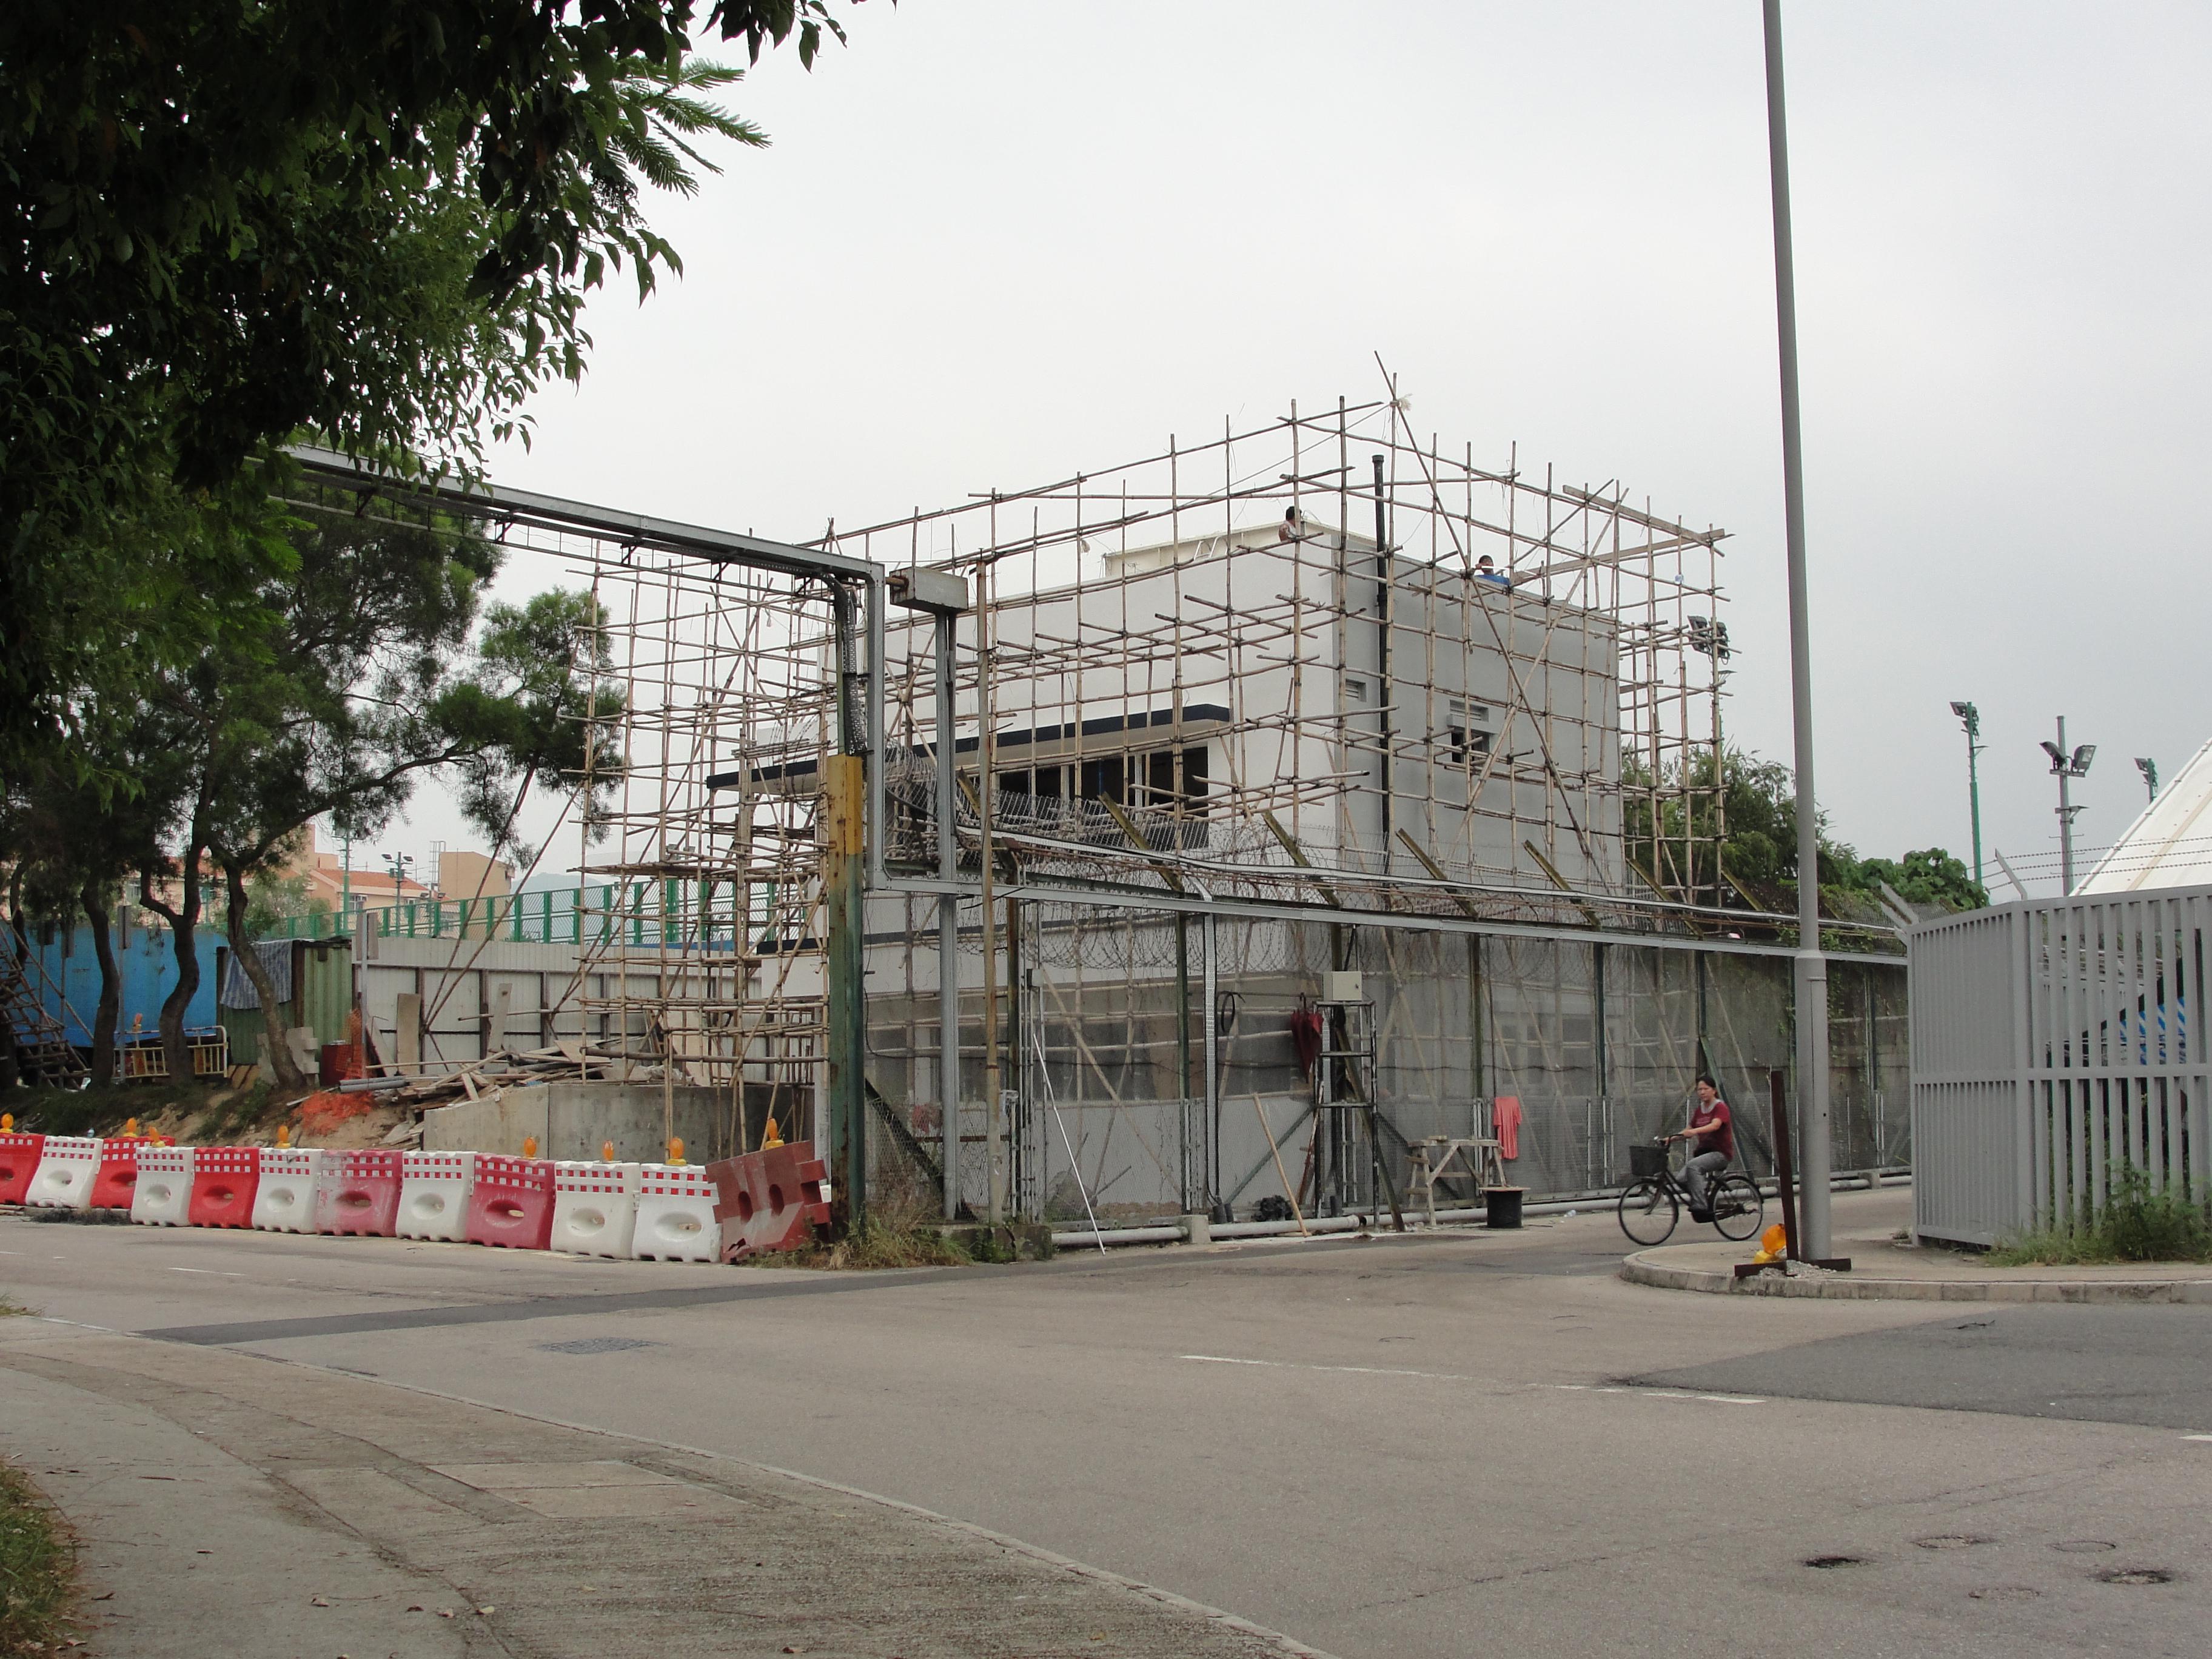 即將落成的沙頭角新禁區紙檢查站   Sha Tau Kok Blog